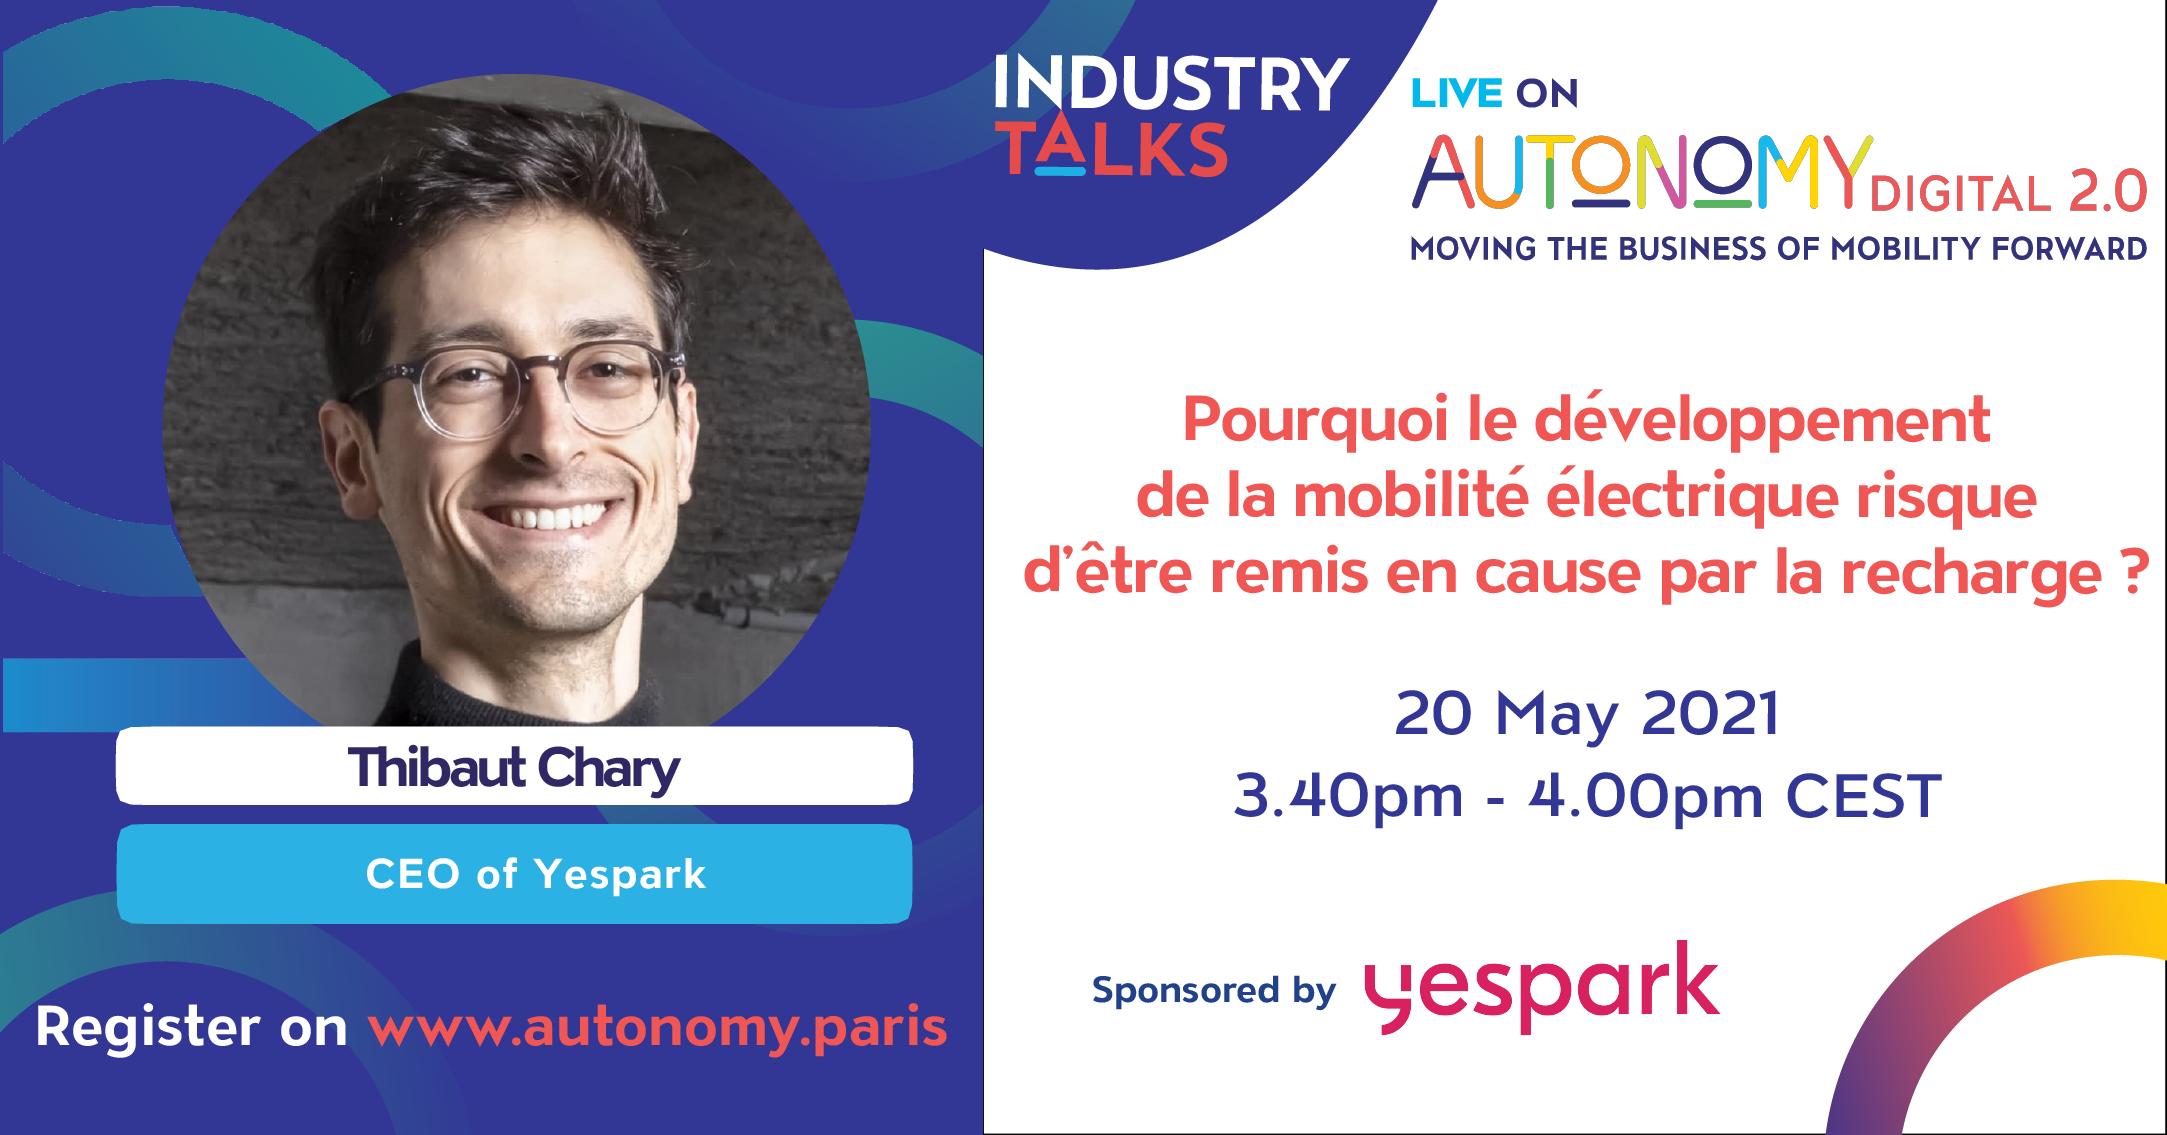 Yespark participe au digital autonomy